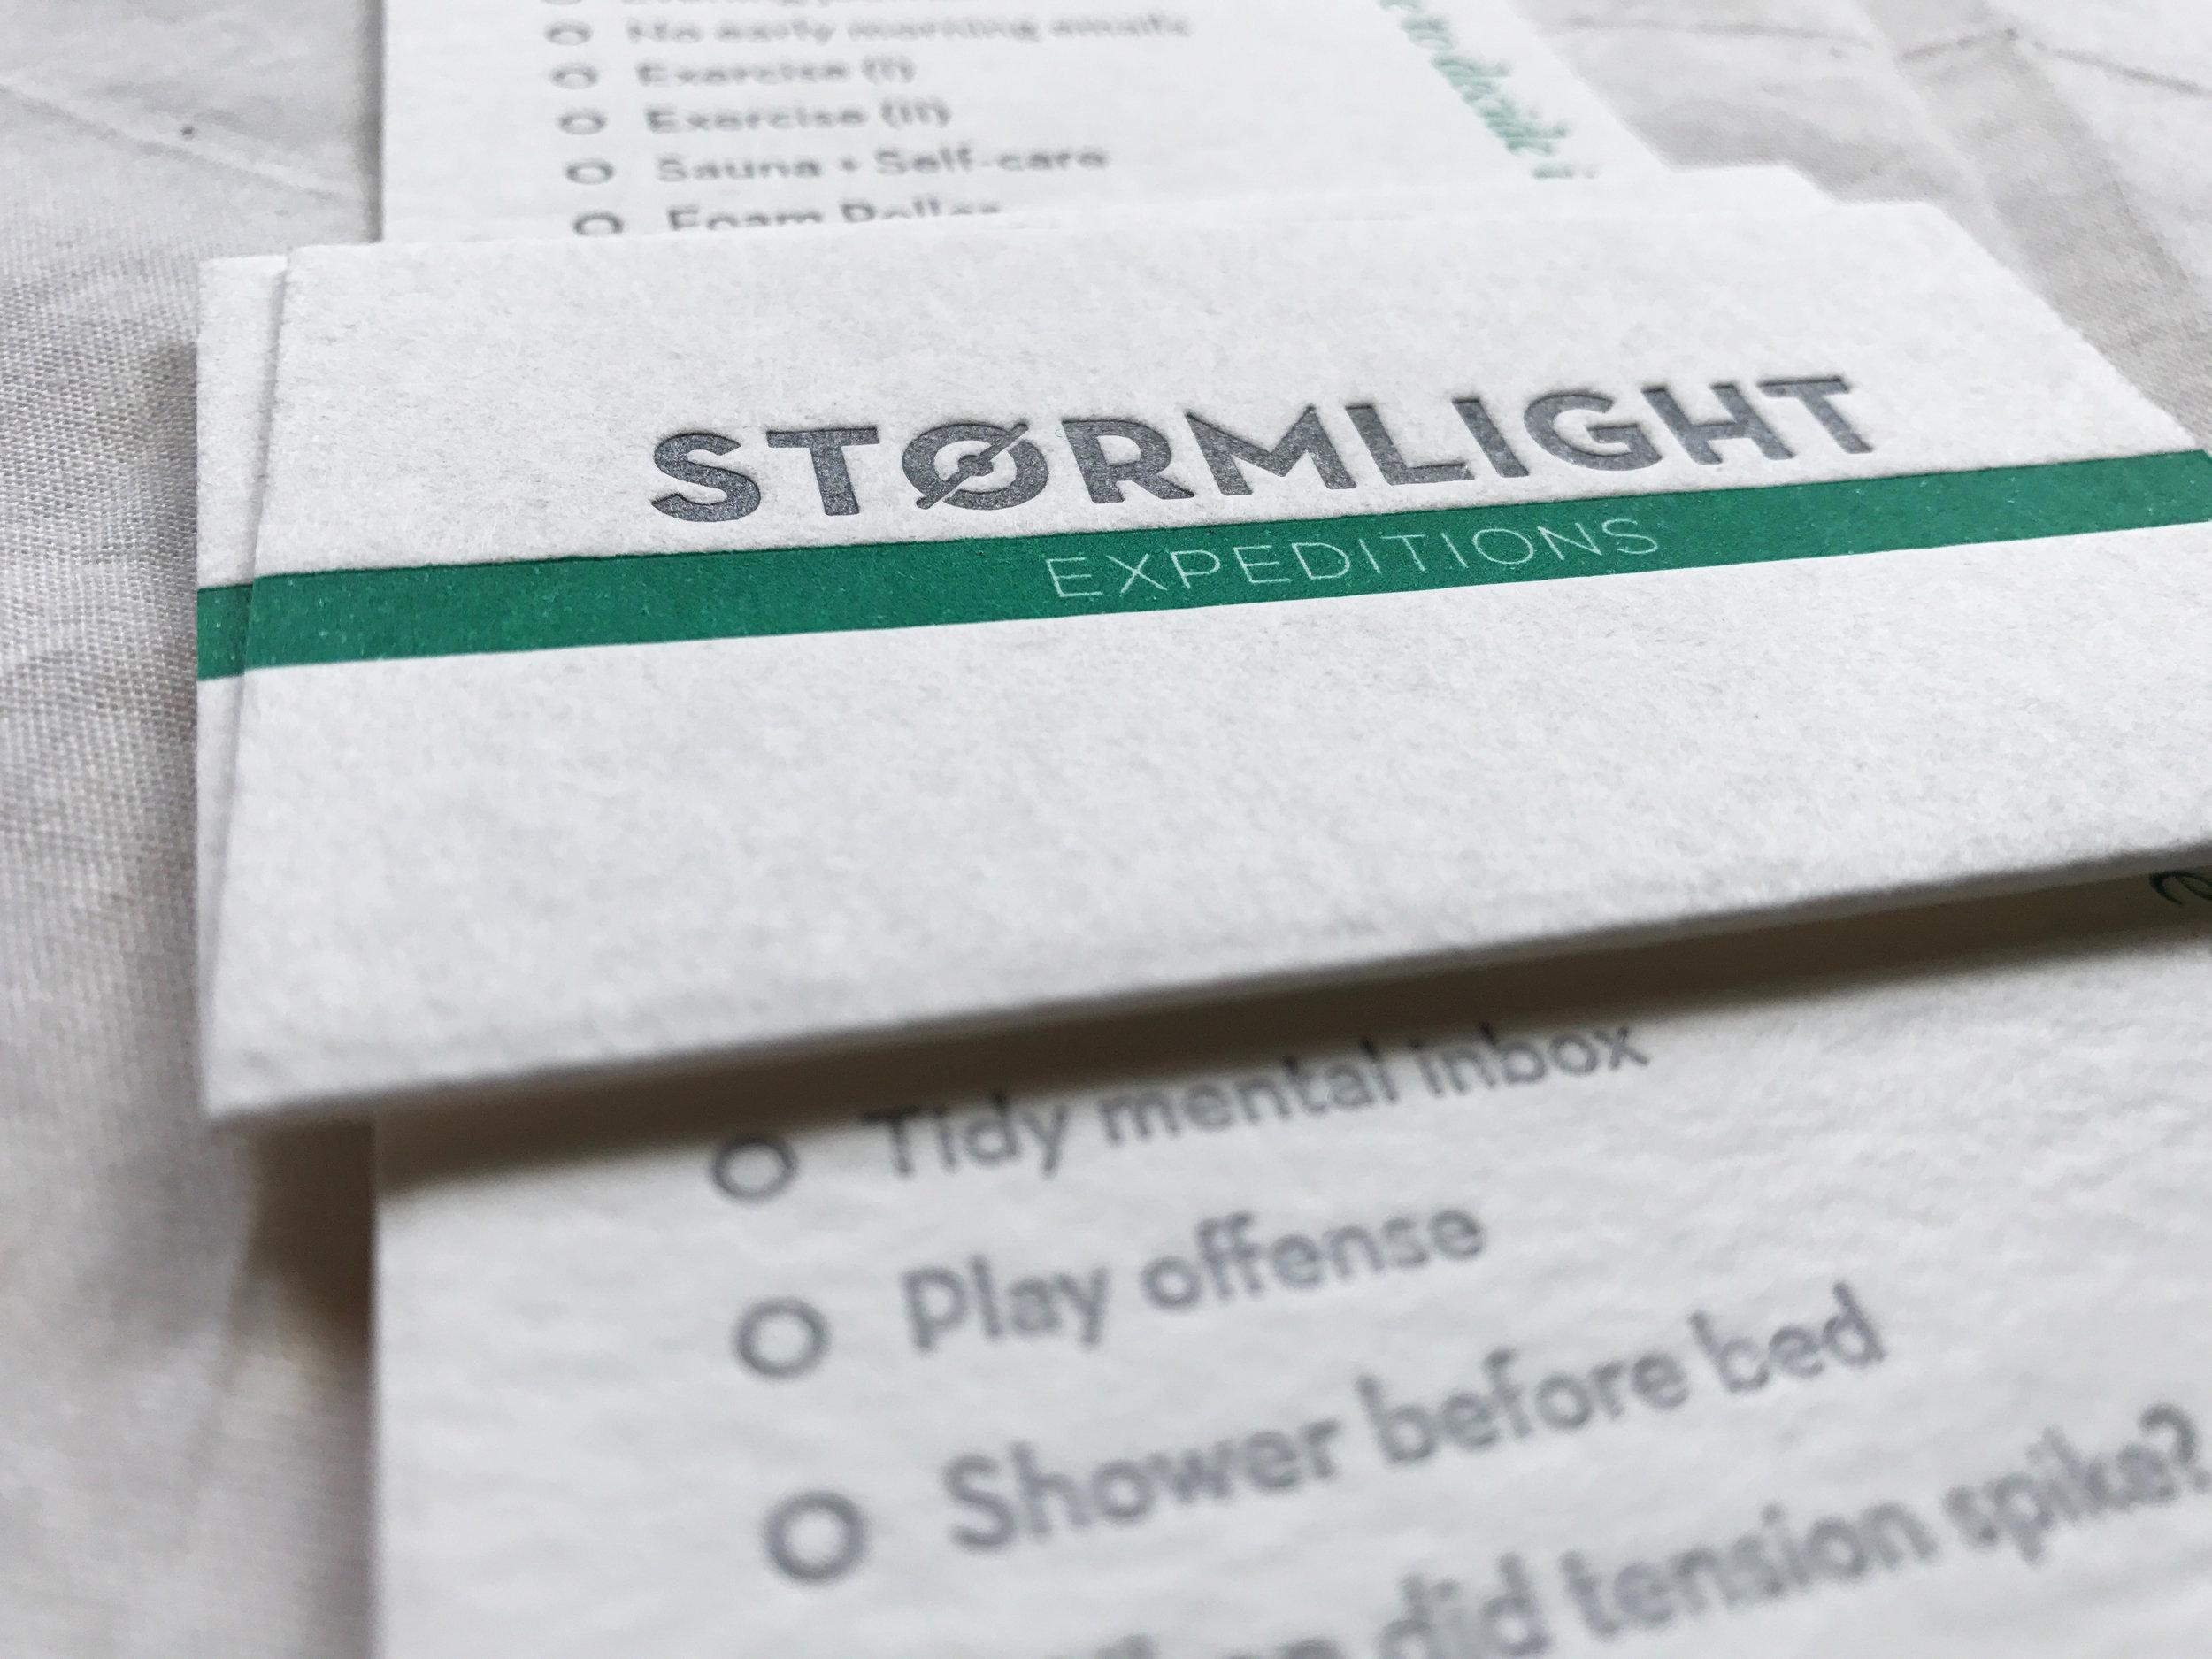 Stormlight2.jpg